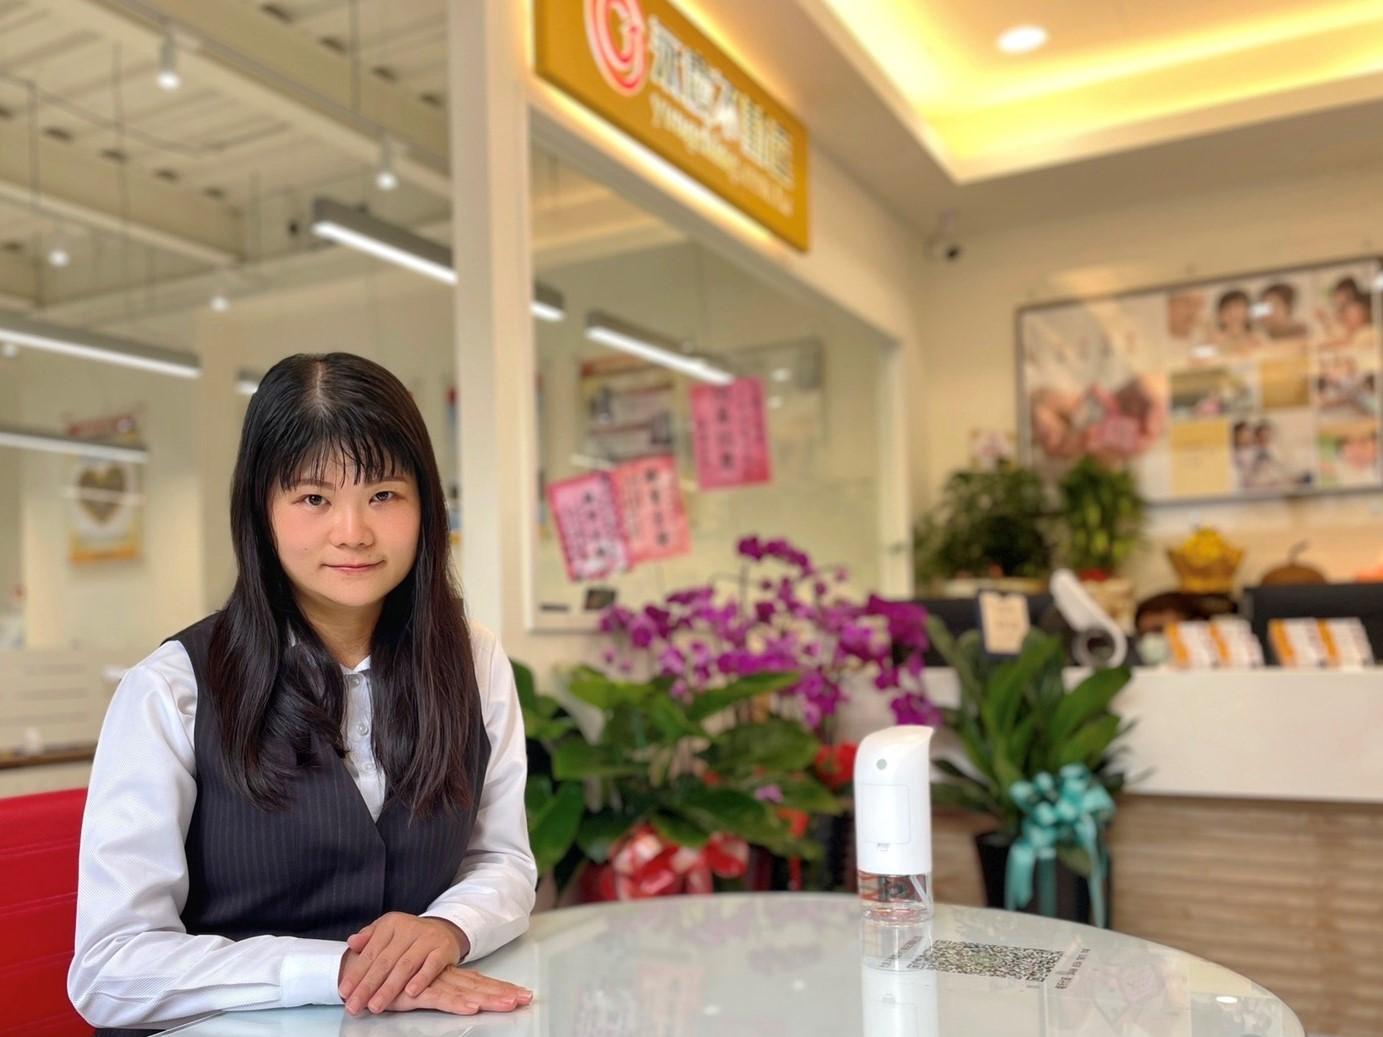 永慶不動產陳麗英勇闖一級戰區  加盟首月創近2千萬業績